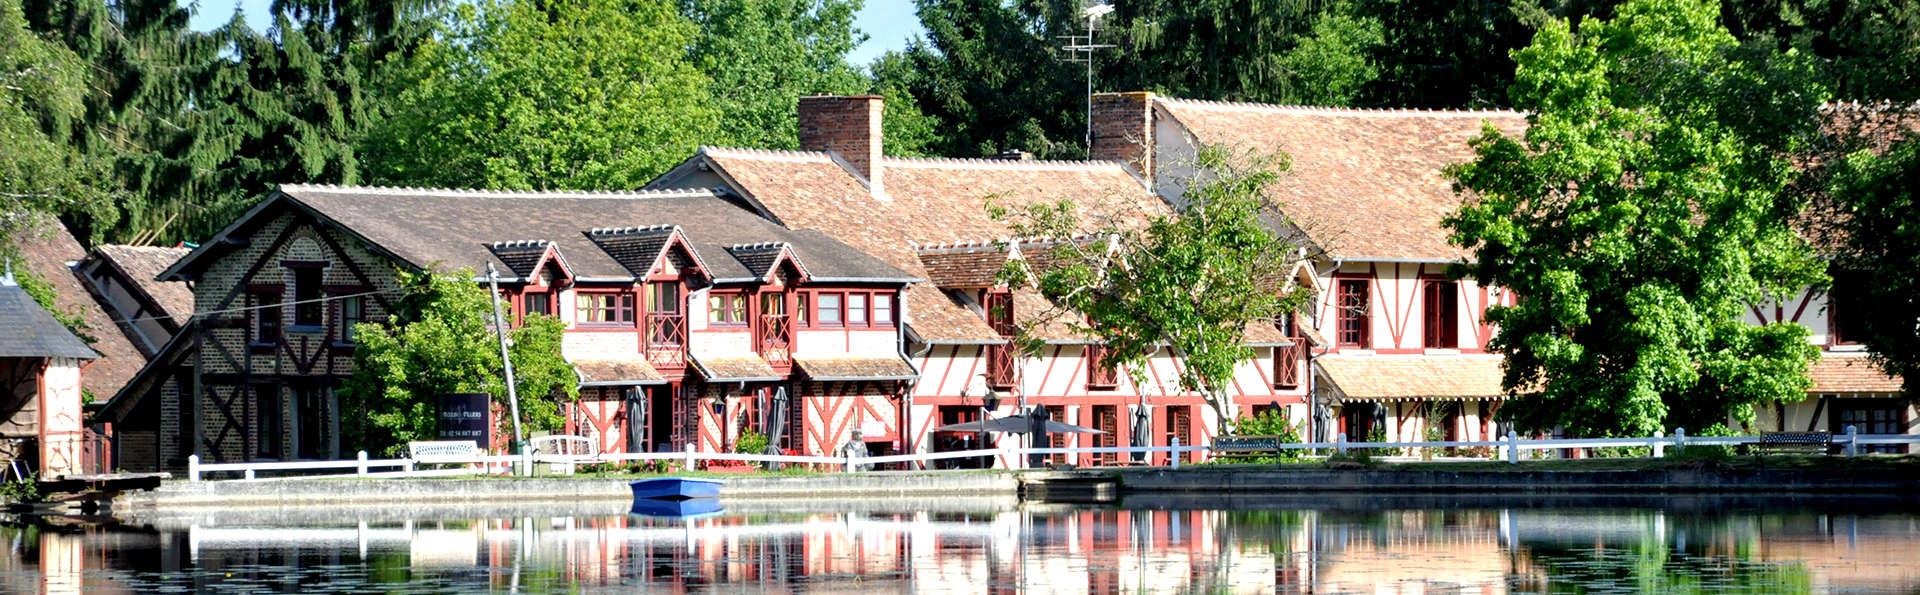 Le Moulin de Villiers - Edit_Front.jpg